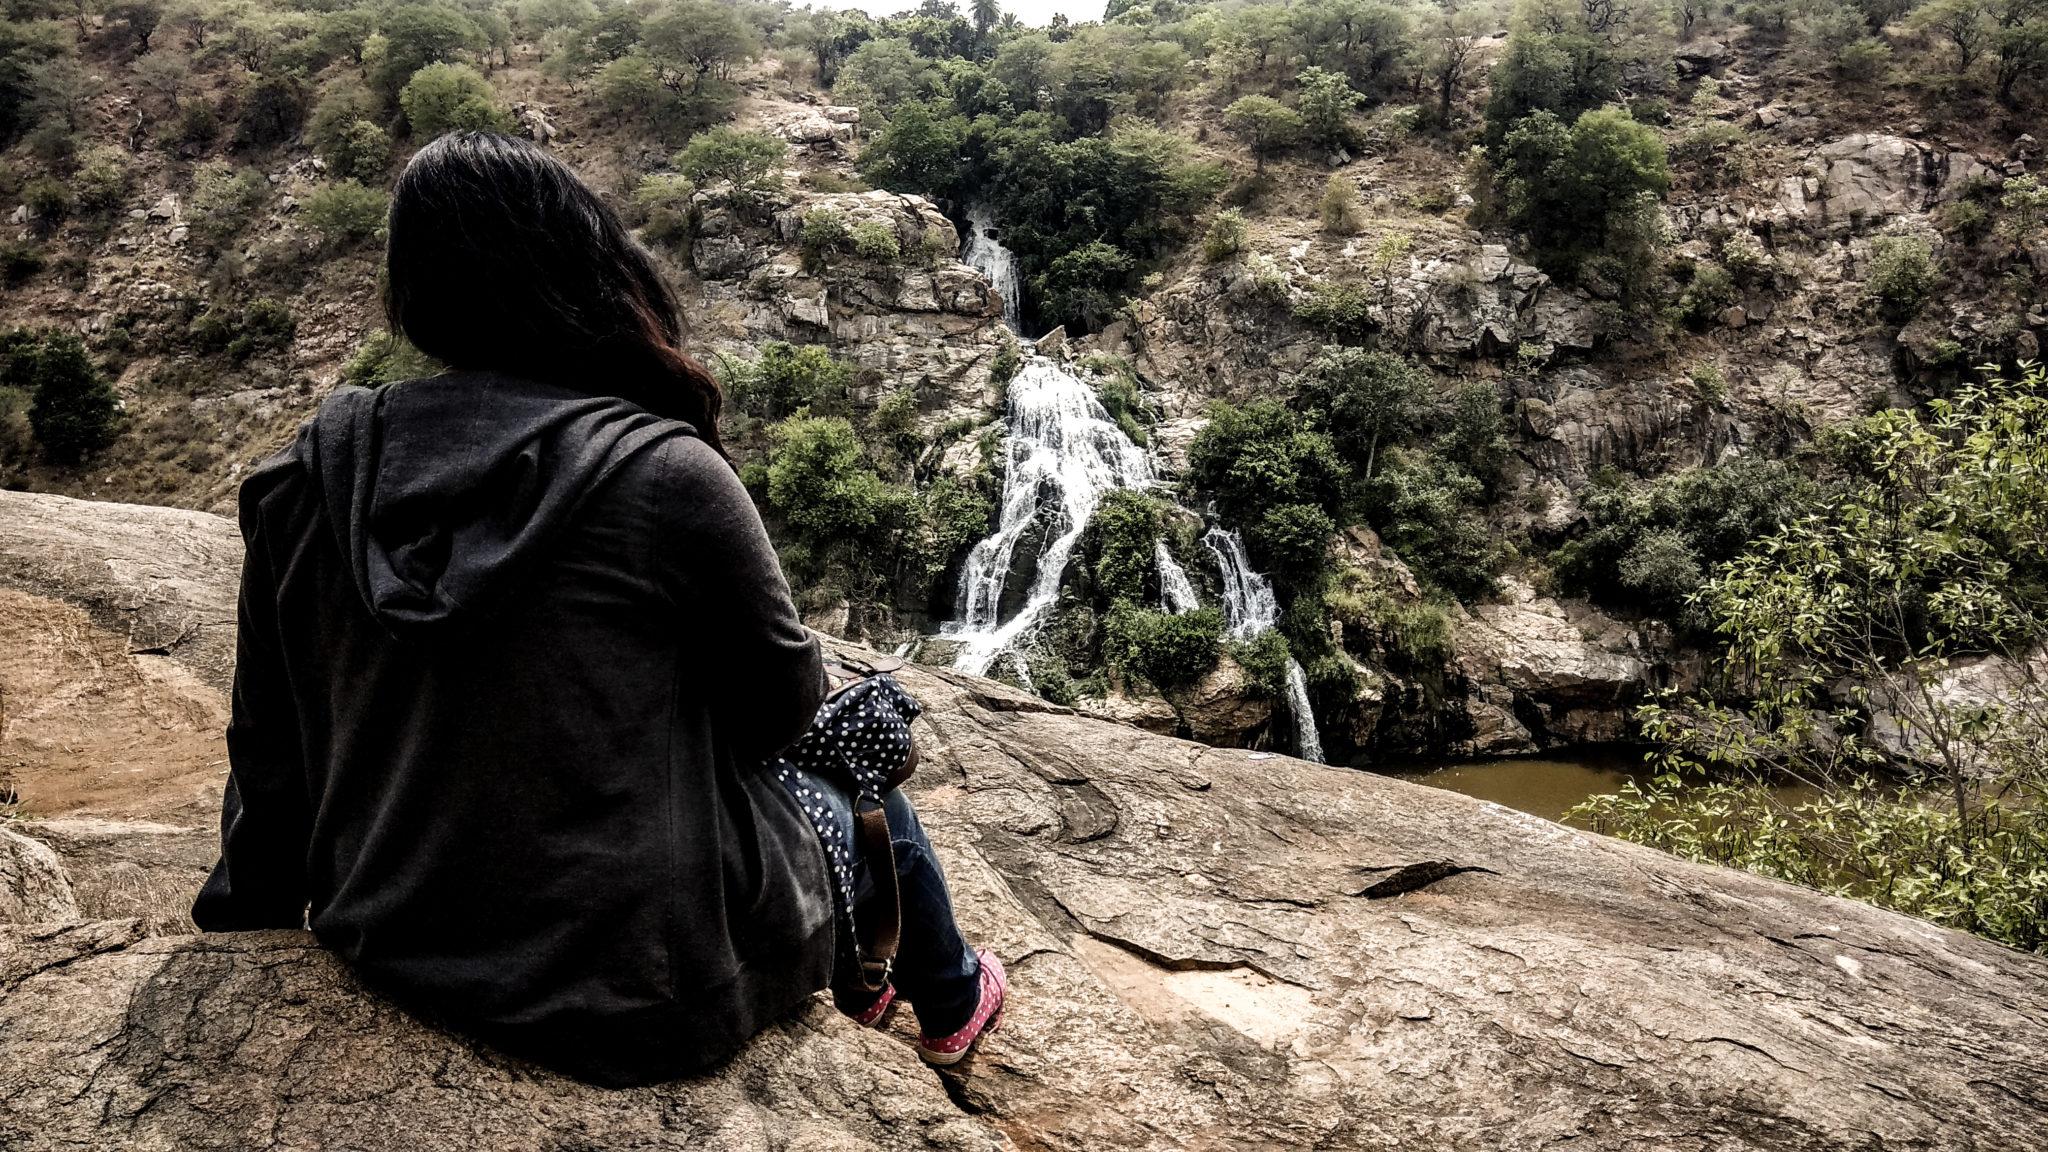 Chunchi falls place to visit near Bangalore